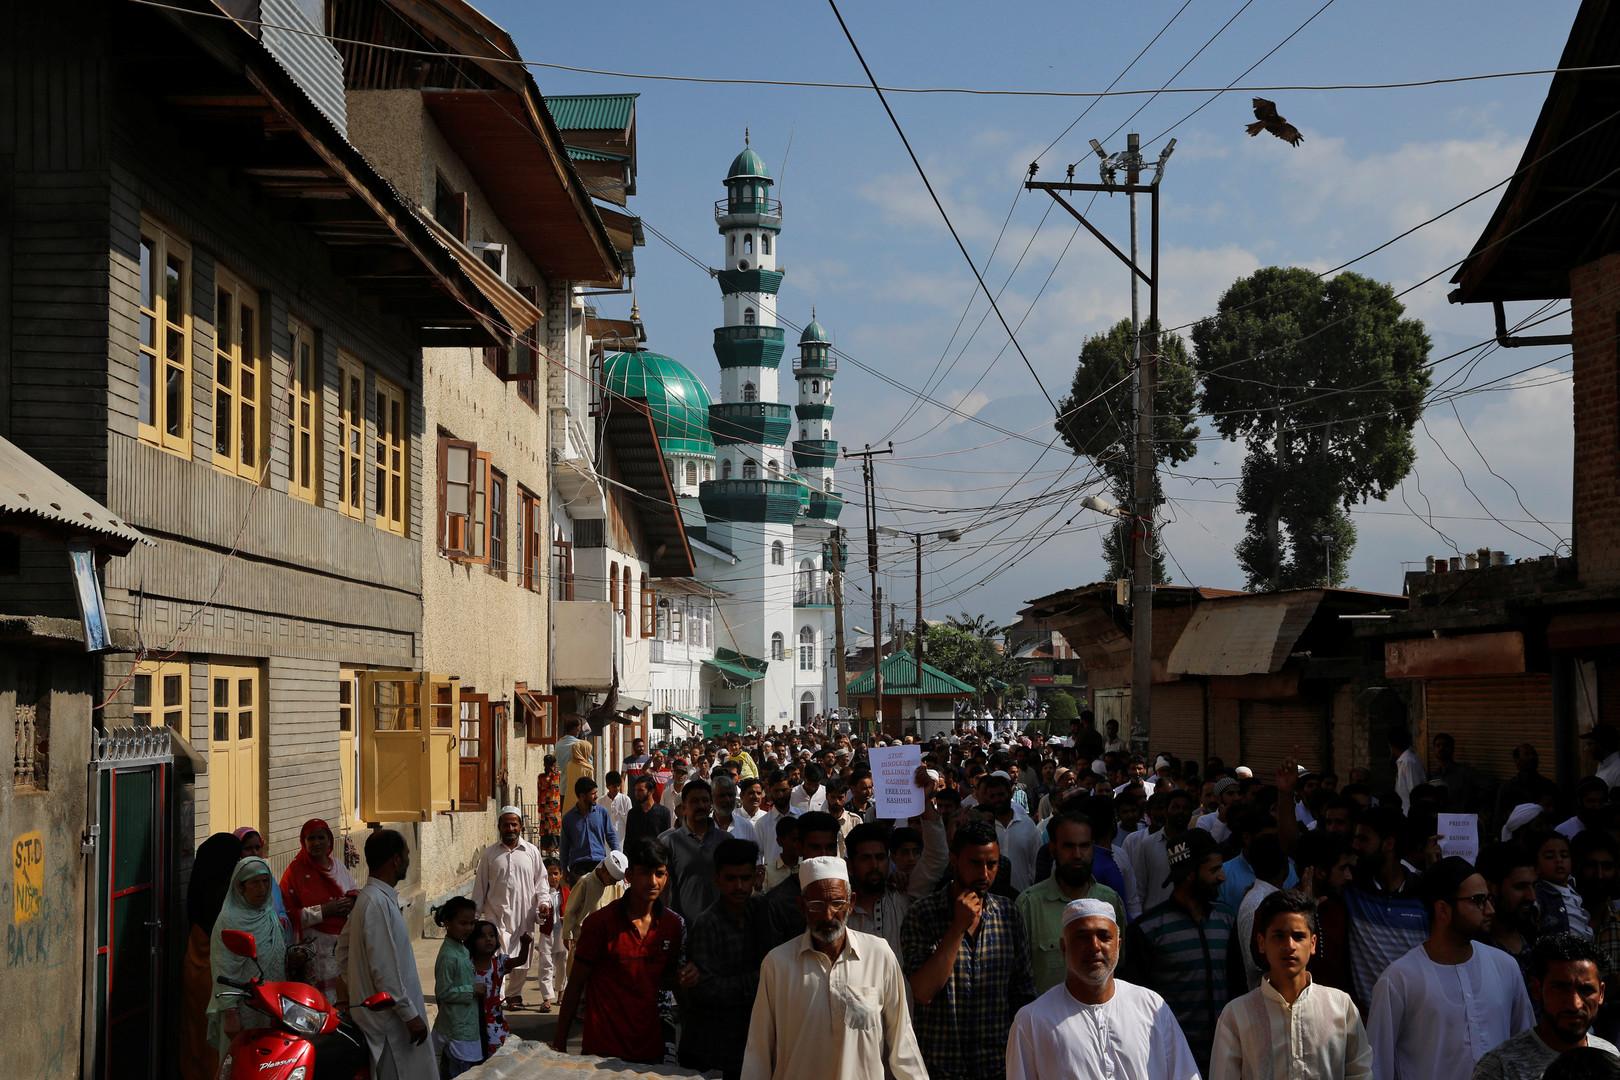 إيران توجه طلبا للسلطات الهندية نصرة للمسلمين في كشمير!